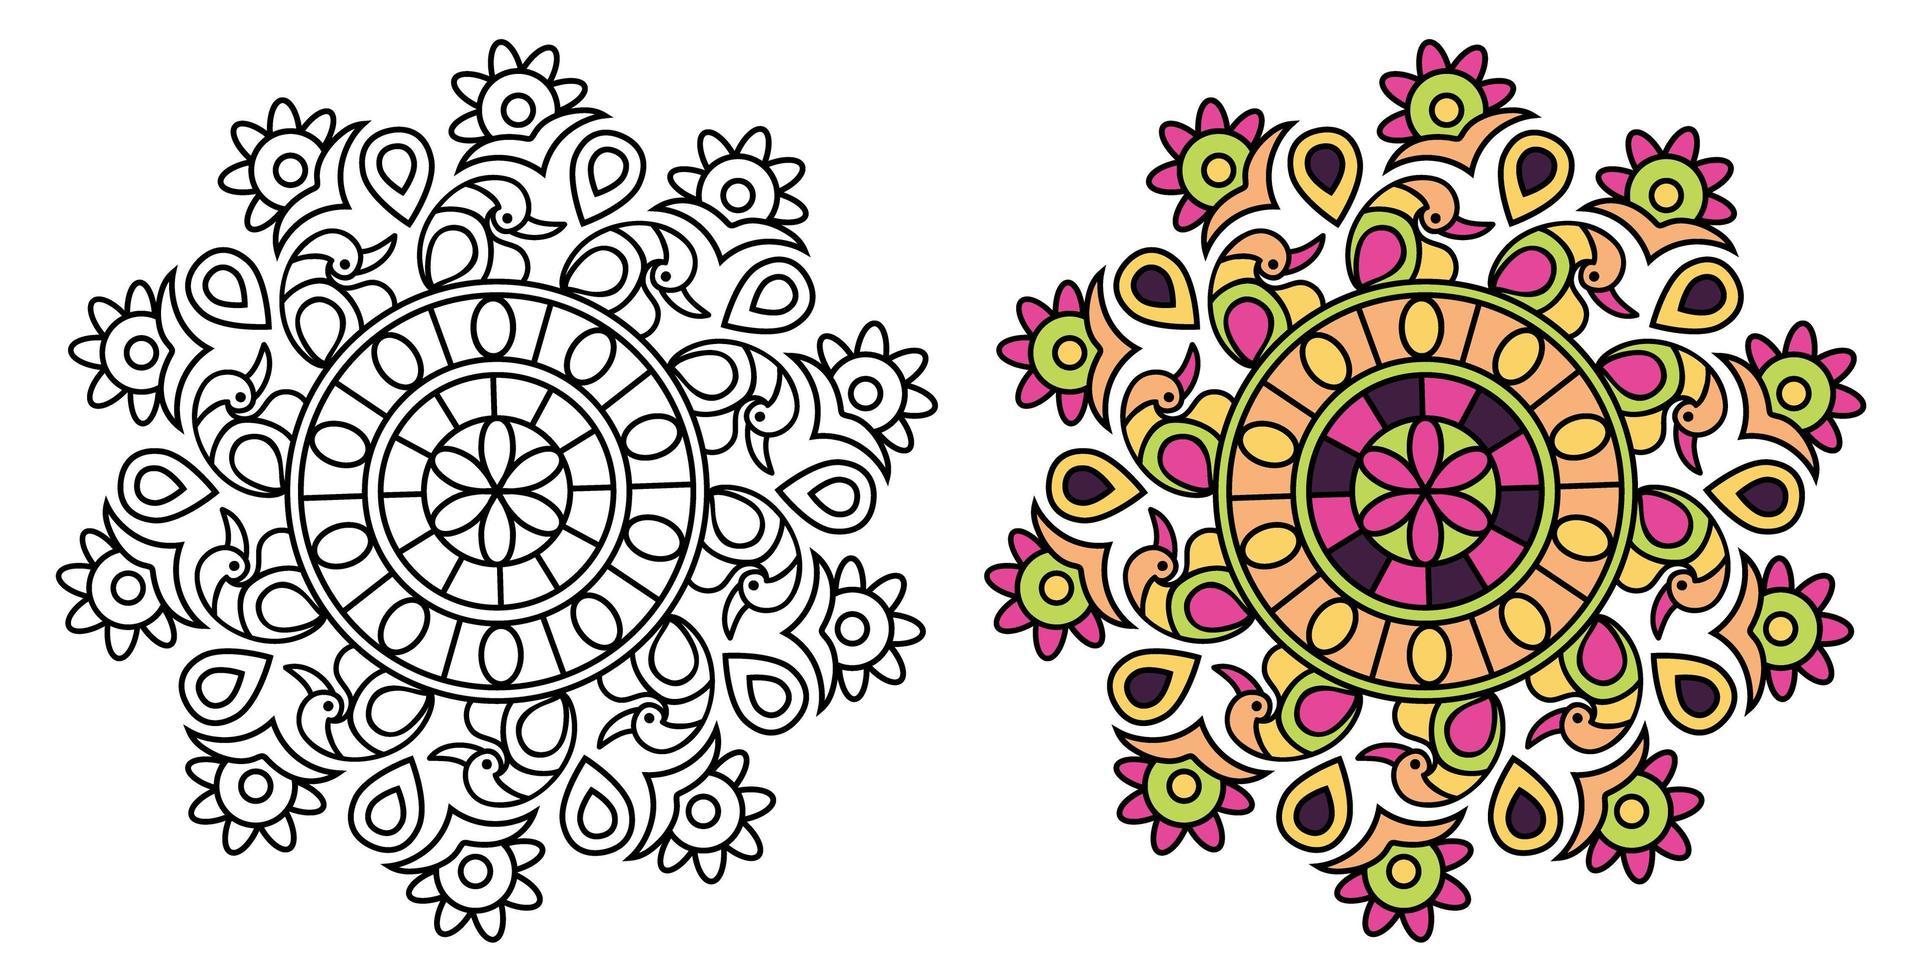 desenho de mandala de estilo pavão para colorir vetor